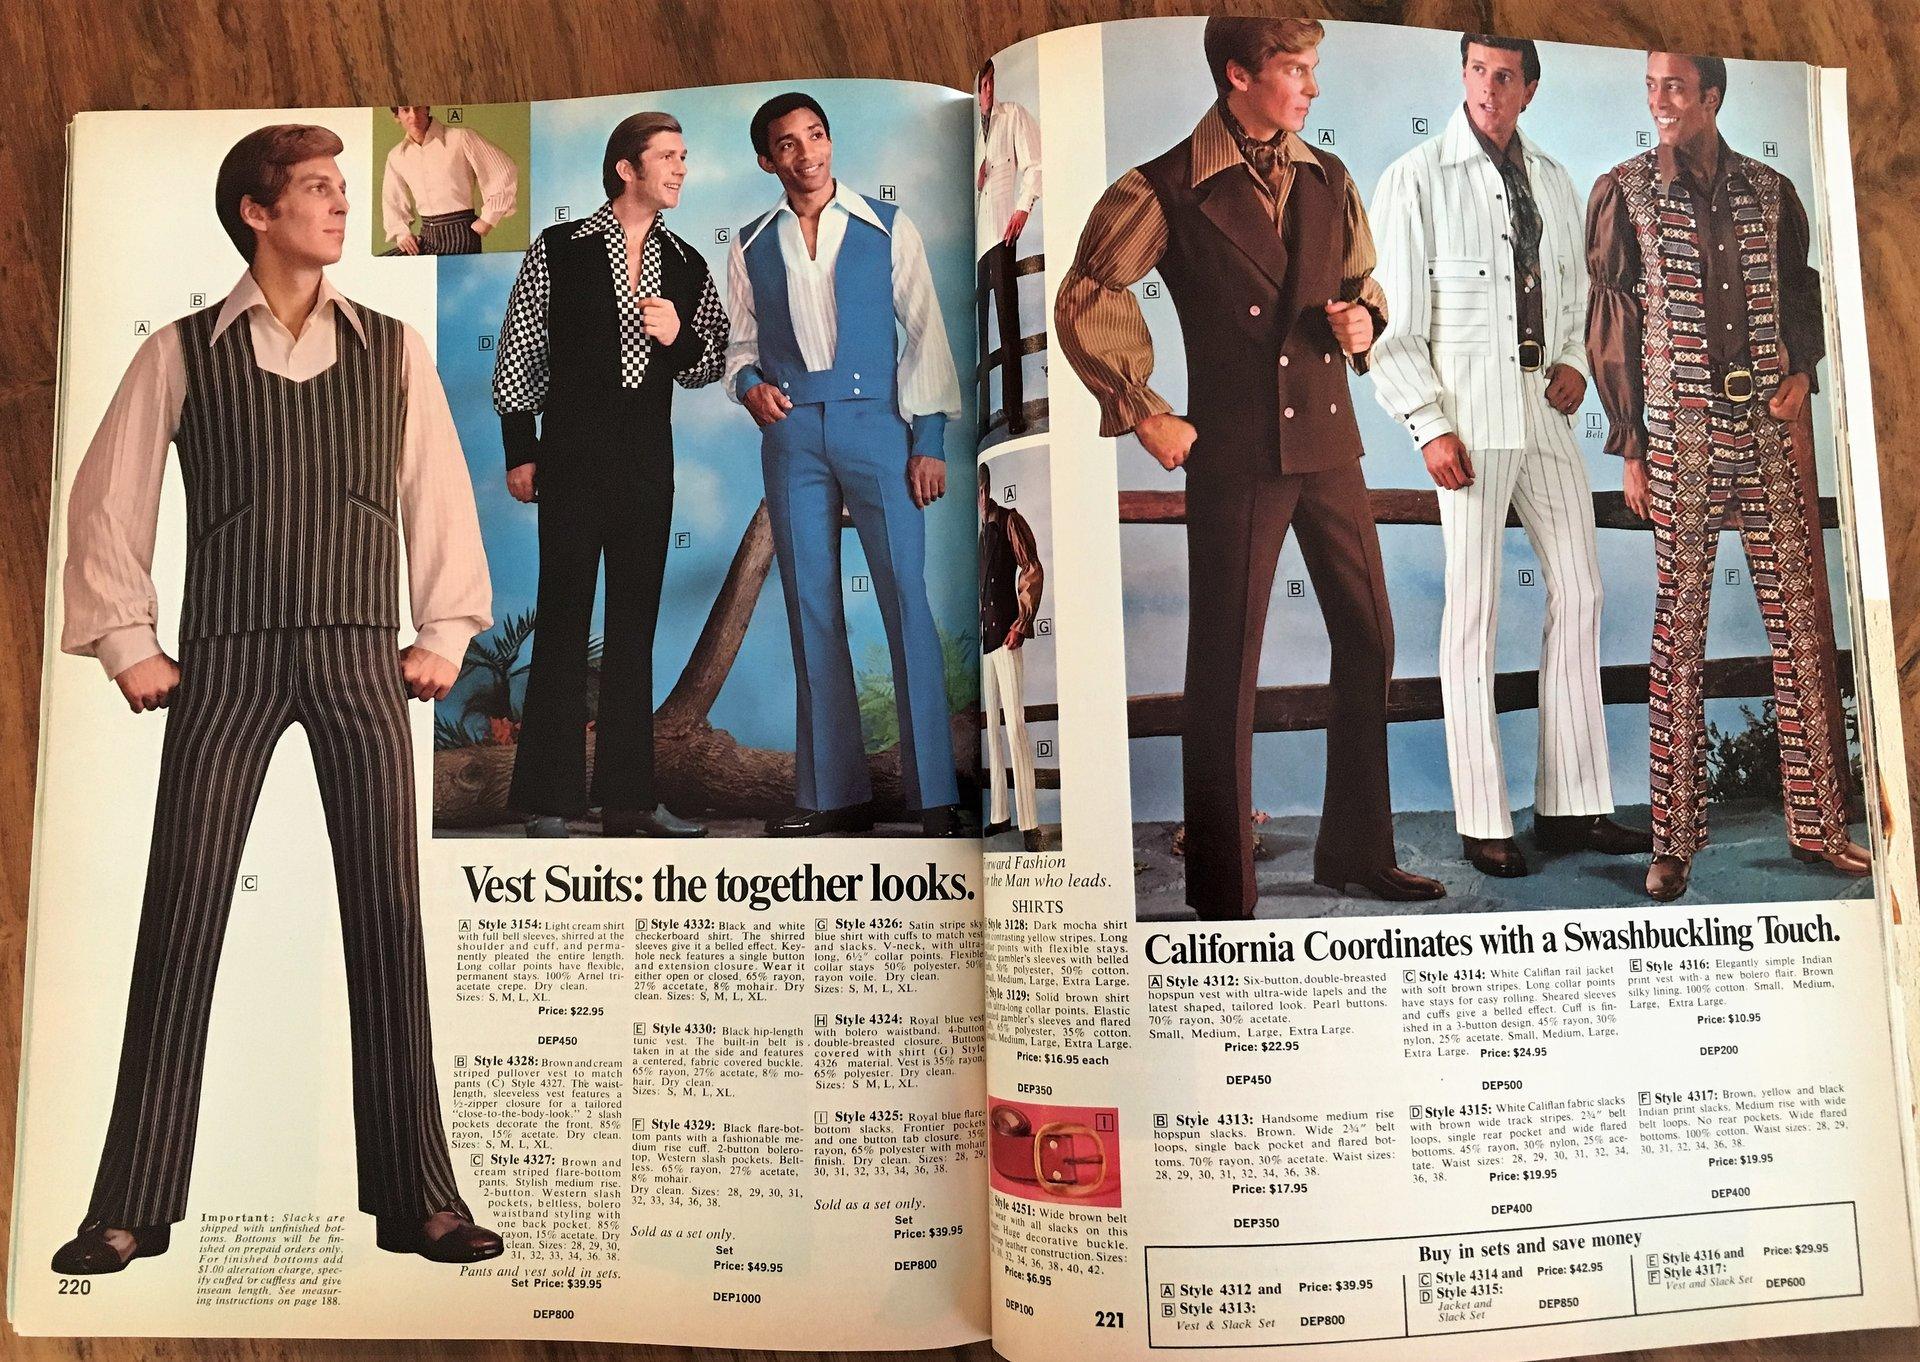 1971 Men's Fashion